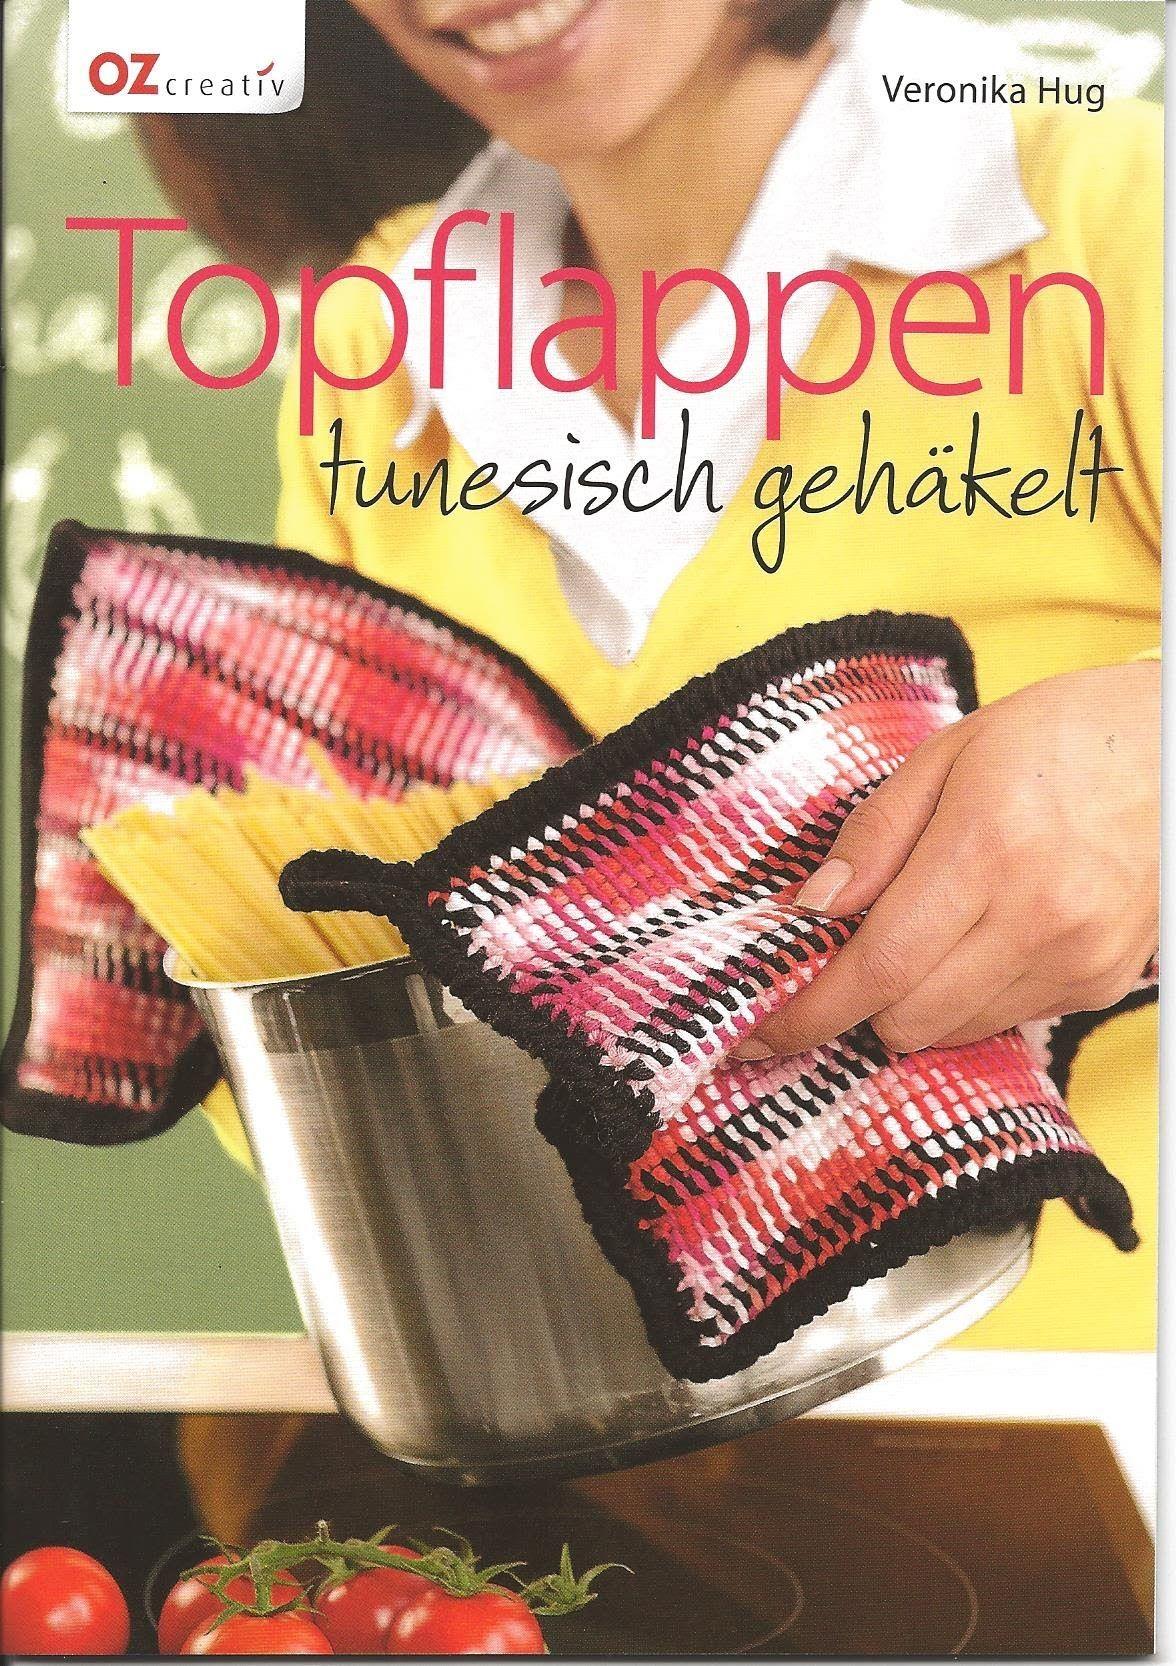 Handarbeiten - Buchvorstellung: Topflappen tunesisch gehäkelt